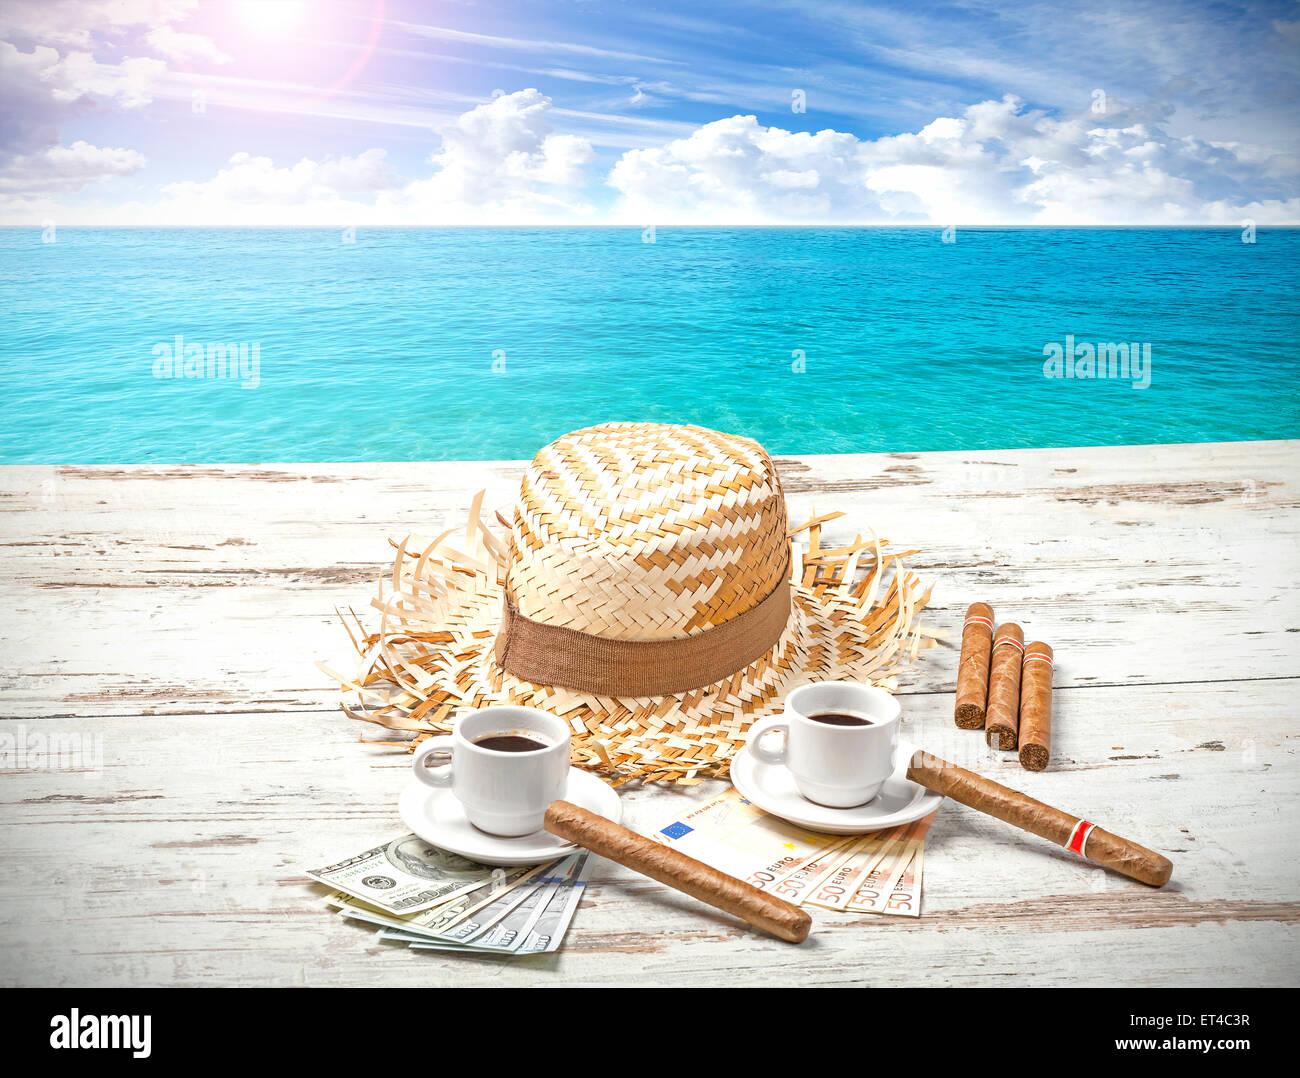 Kaffee, Zigarren, Geld und Hut auf hölzernen Strand Tisch. Sommer-Abenteuer-Konzept. Stockbild